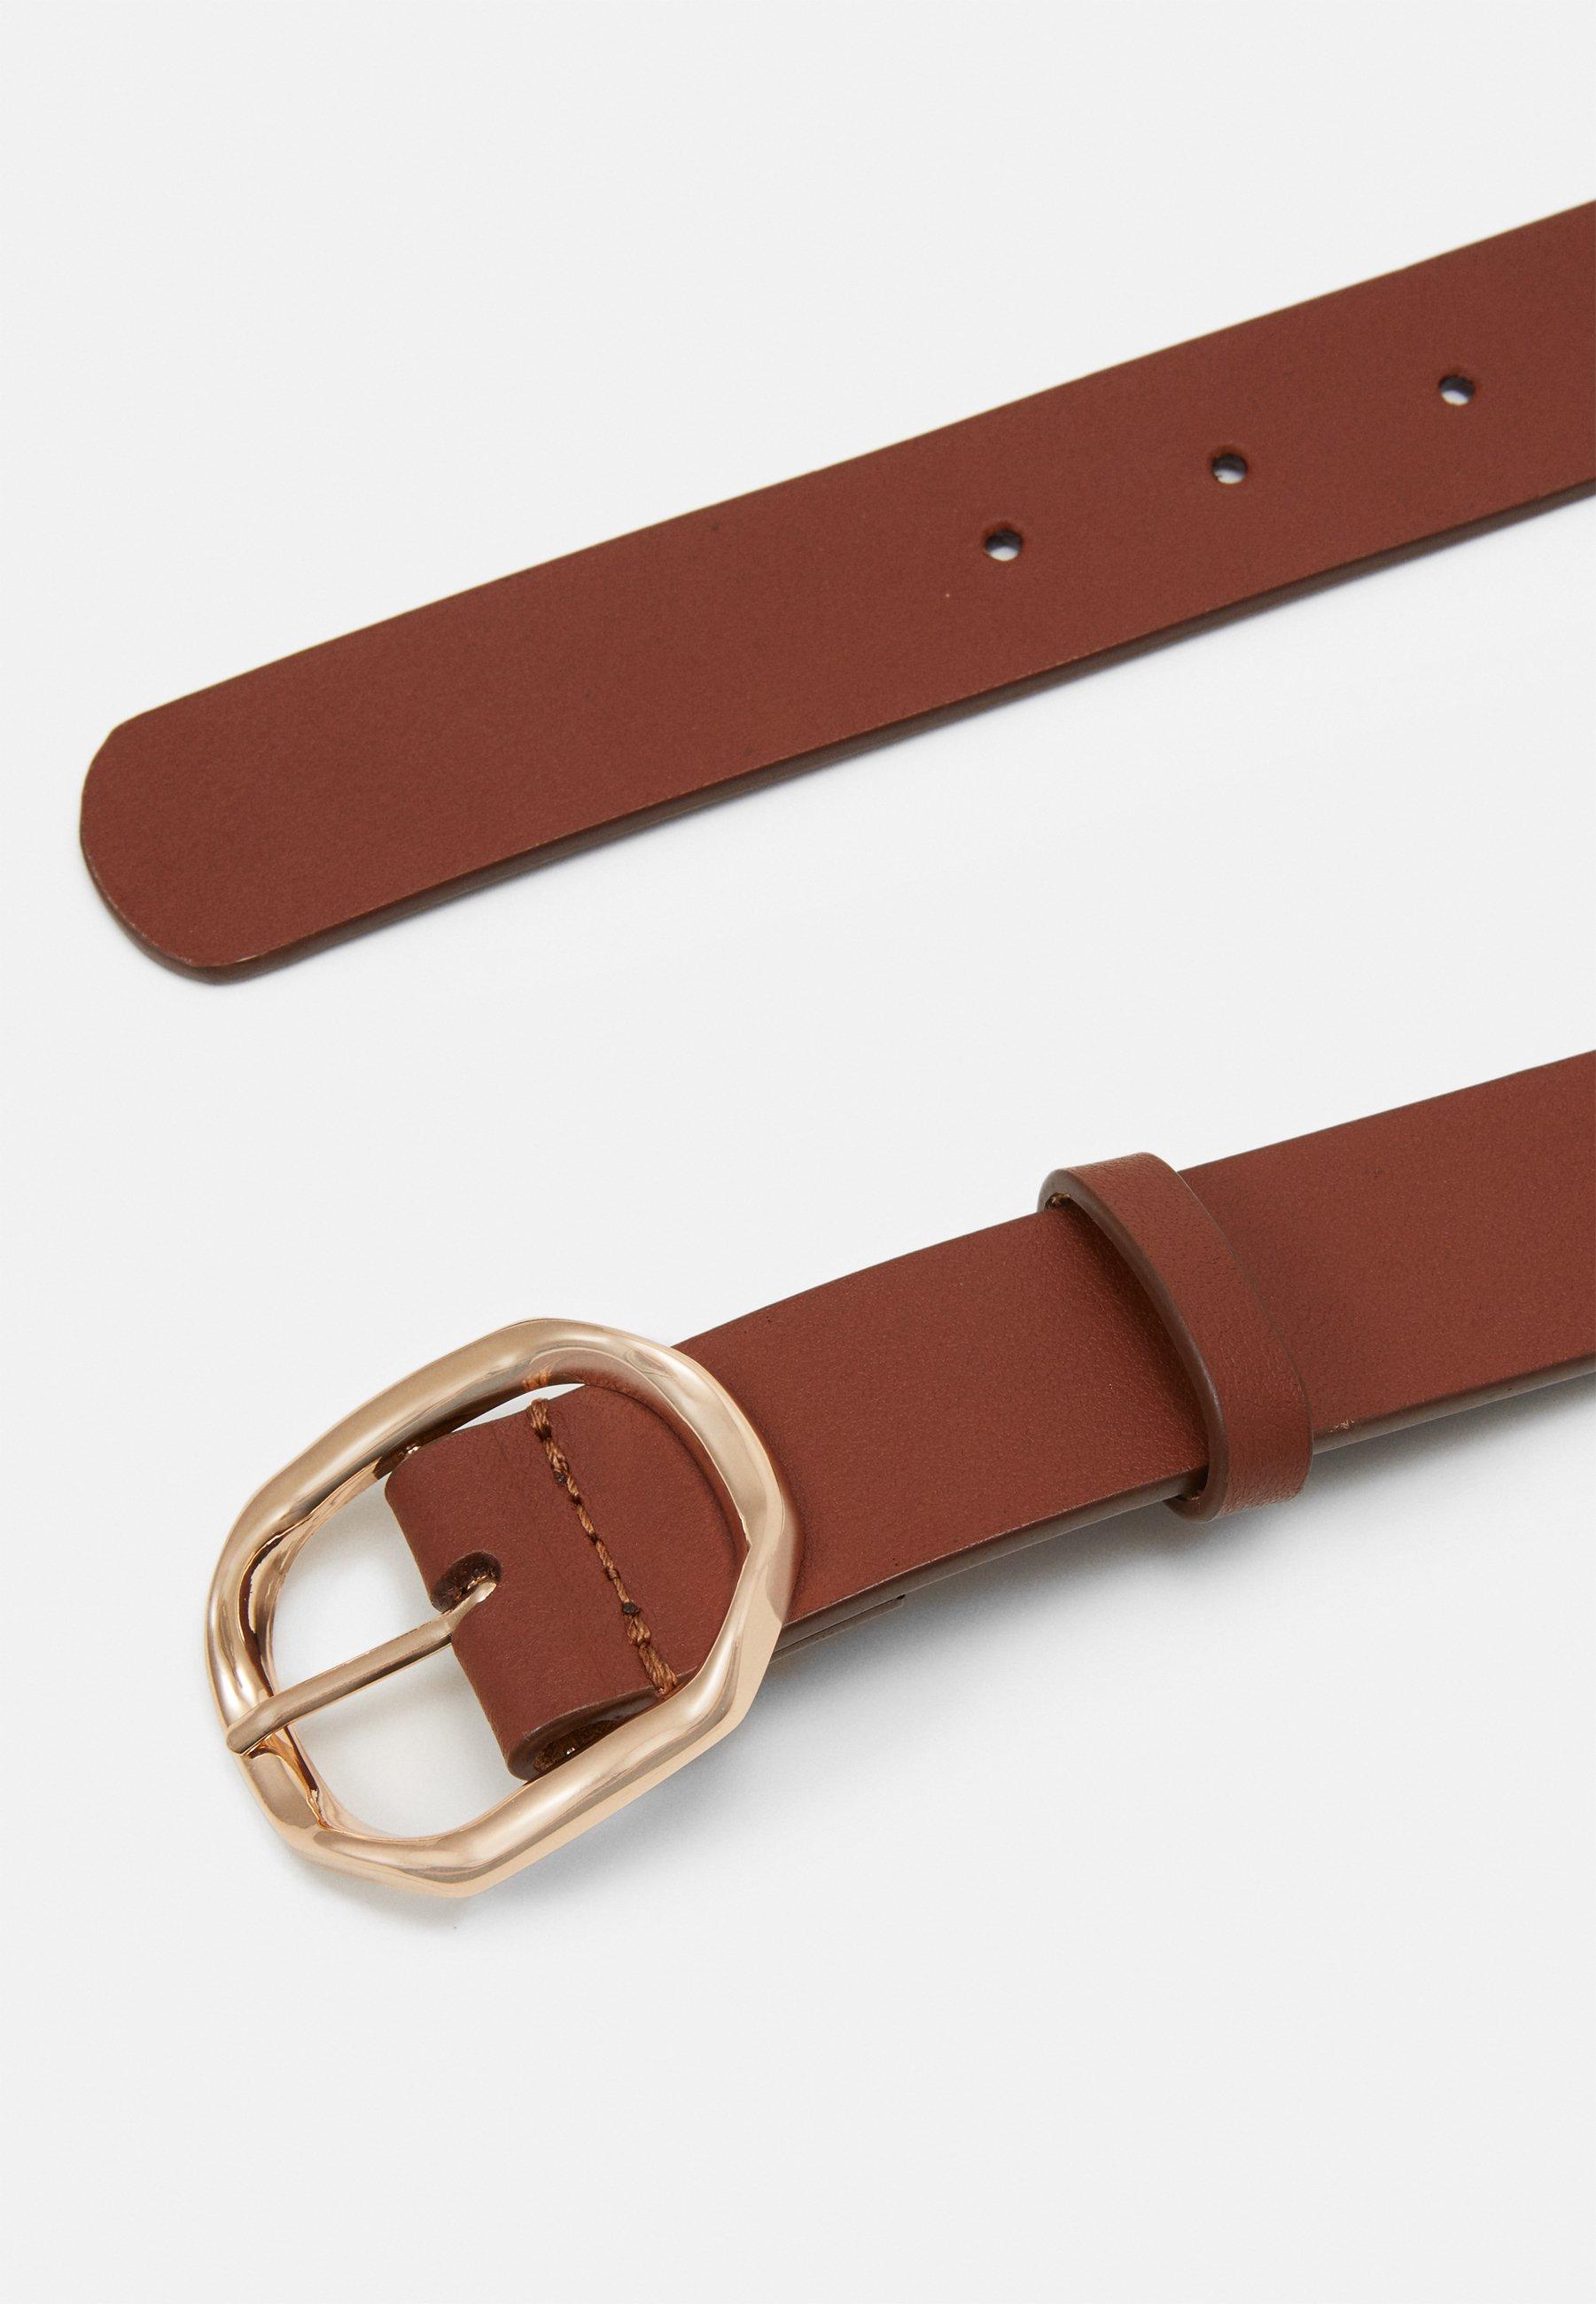 Zign Leather - Gürtel Cognac